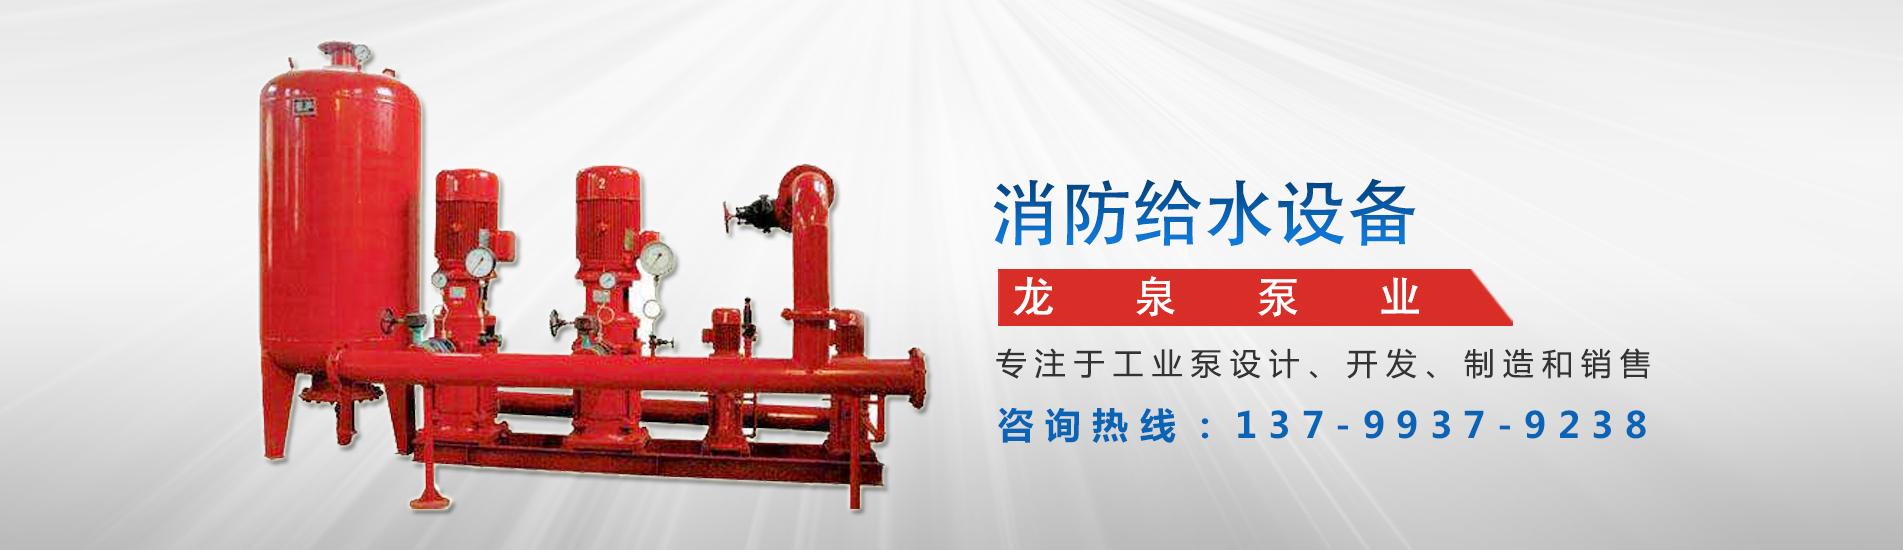 消防供水装置系统